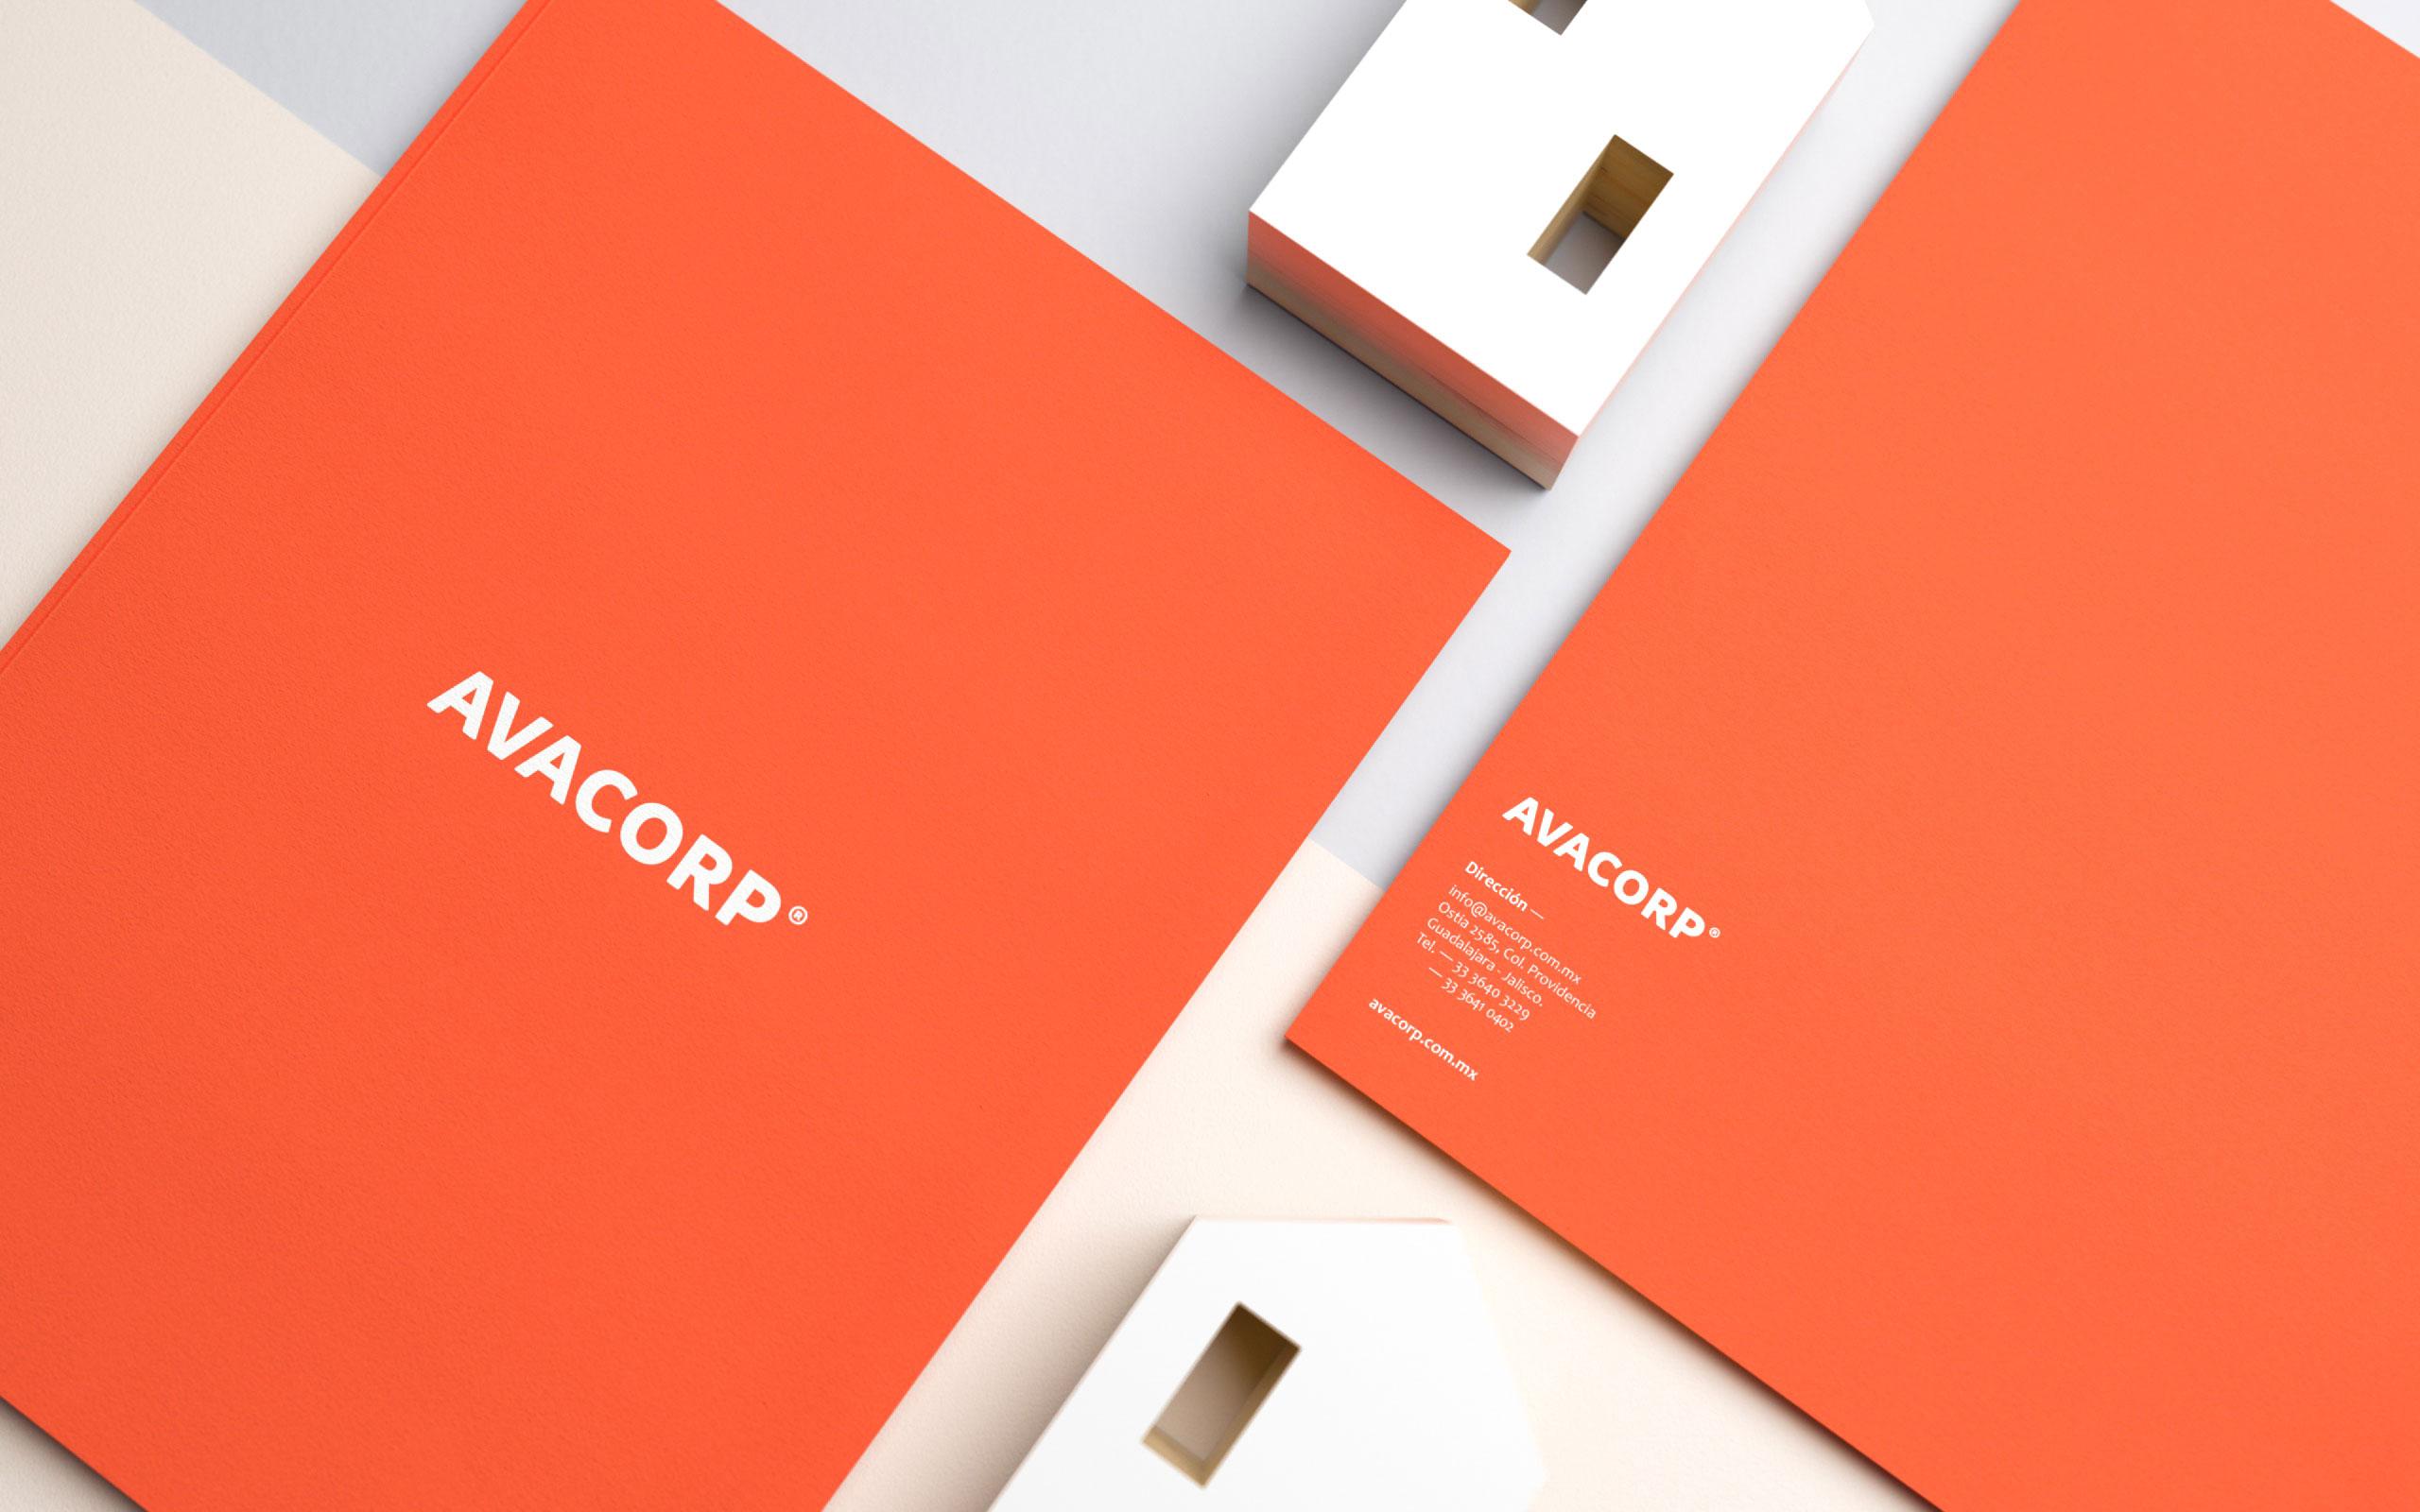 Avacorp-05